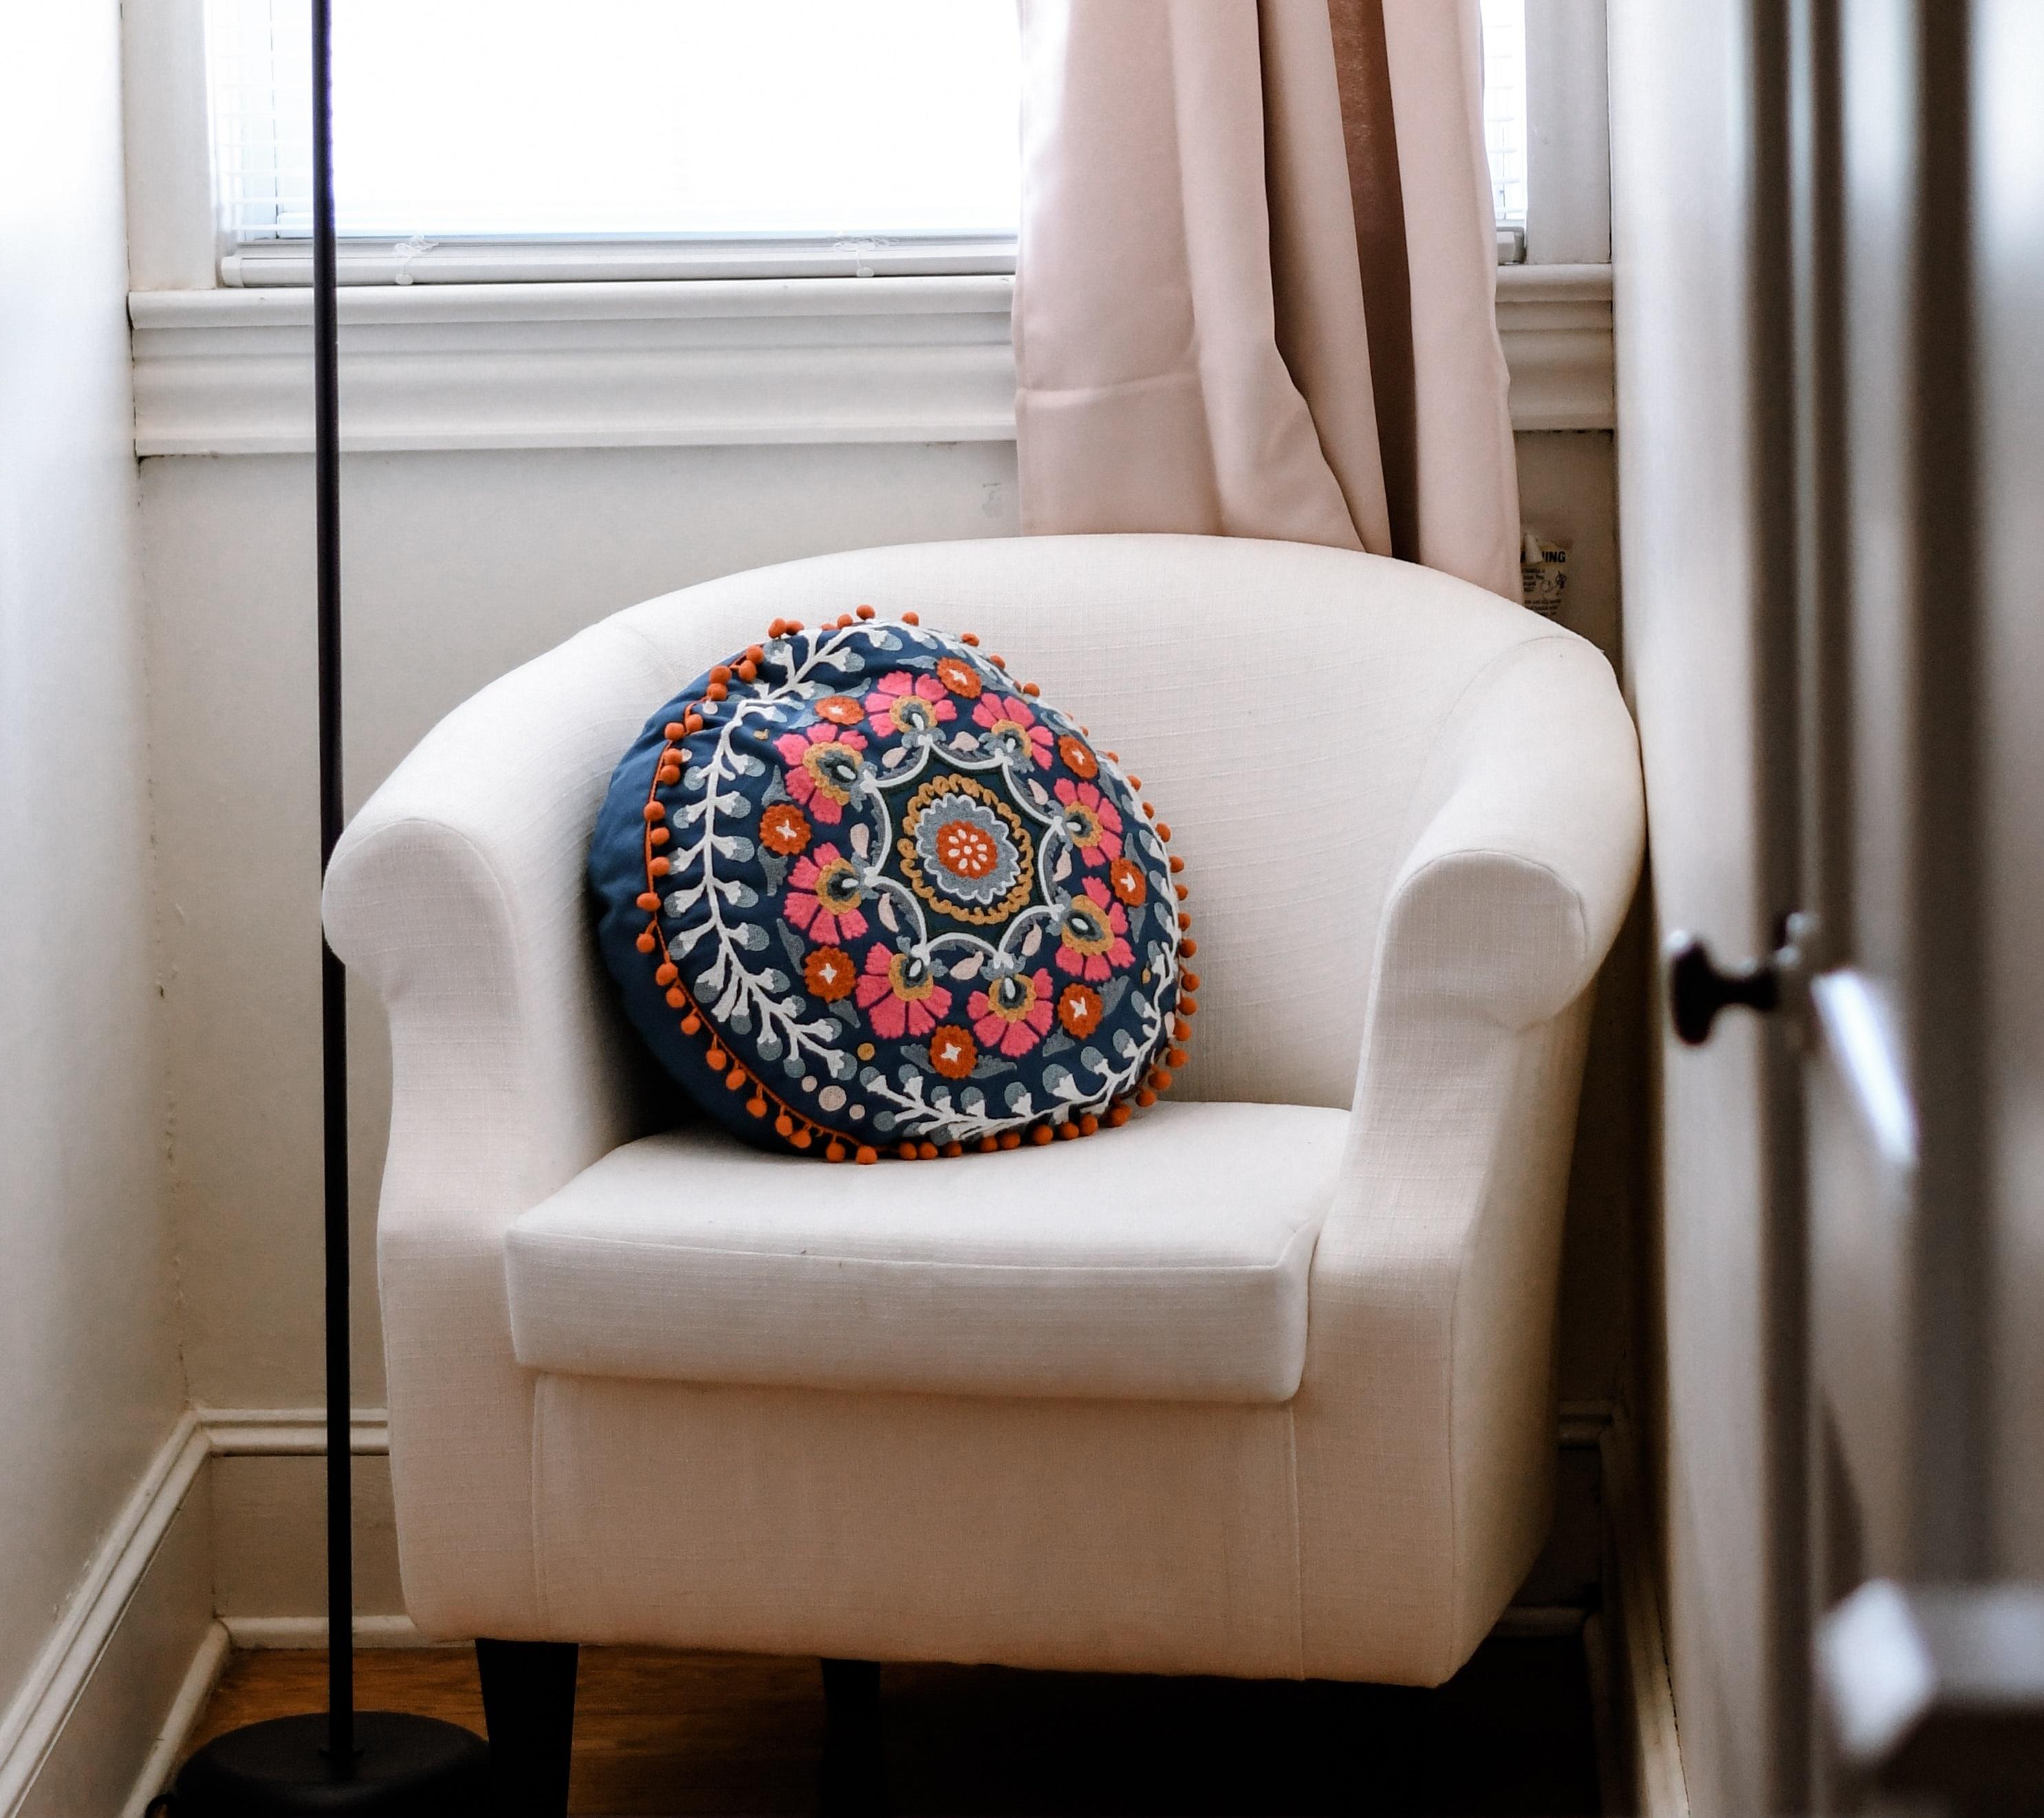 fauteuil tissus beige coussin couleurs